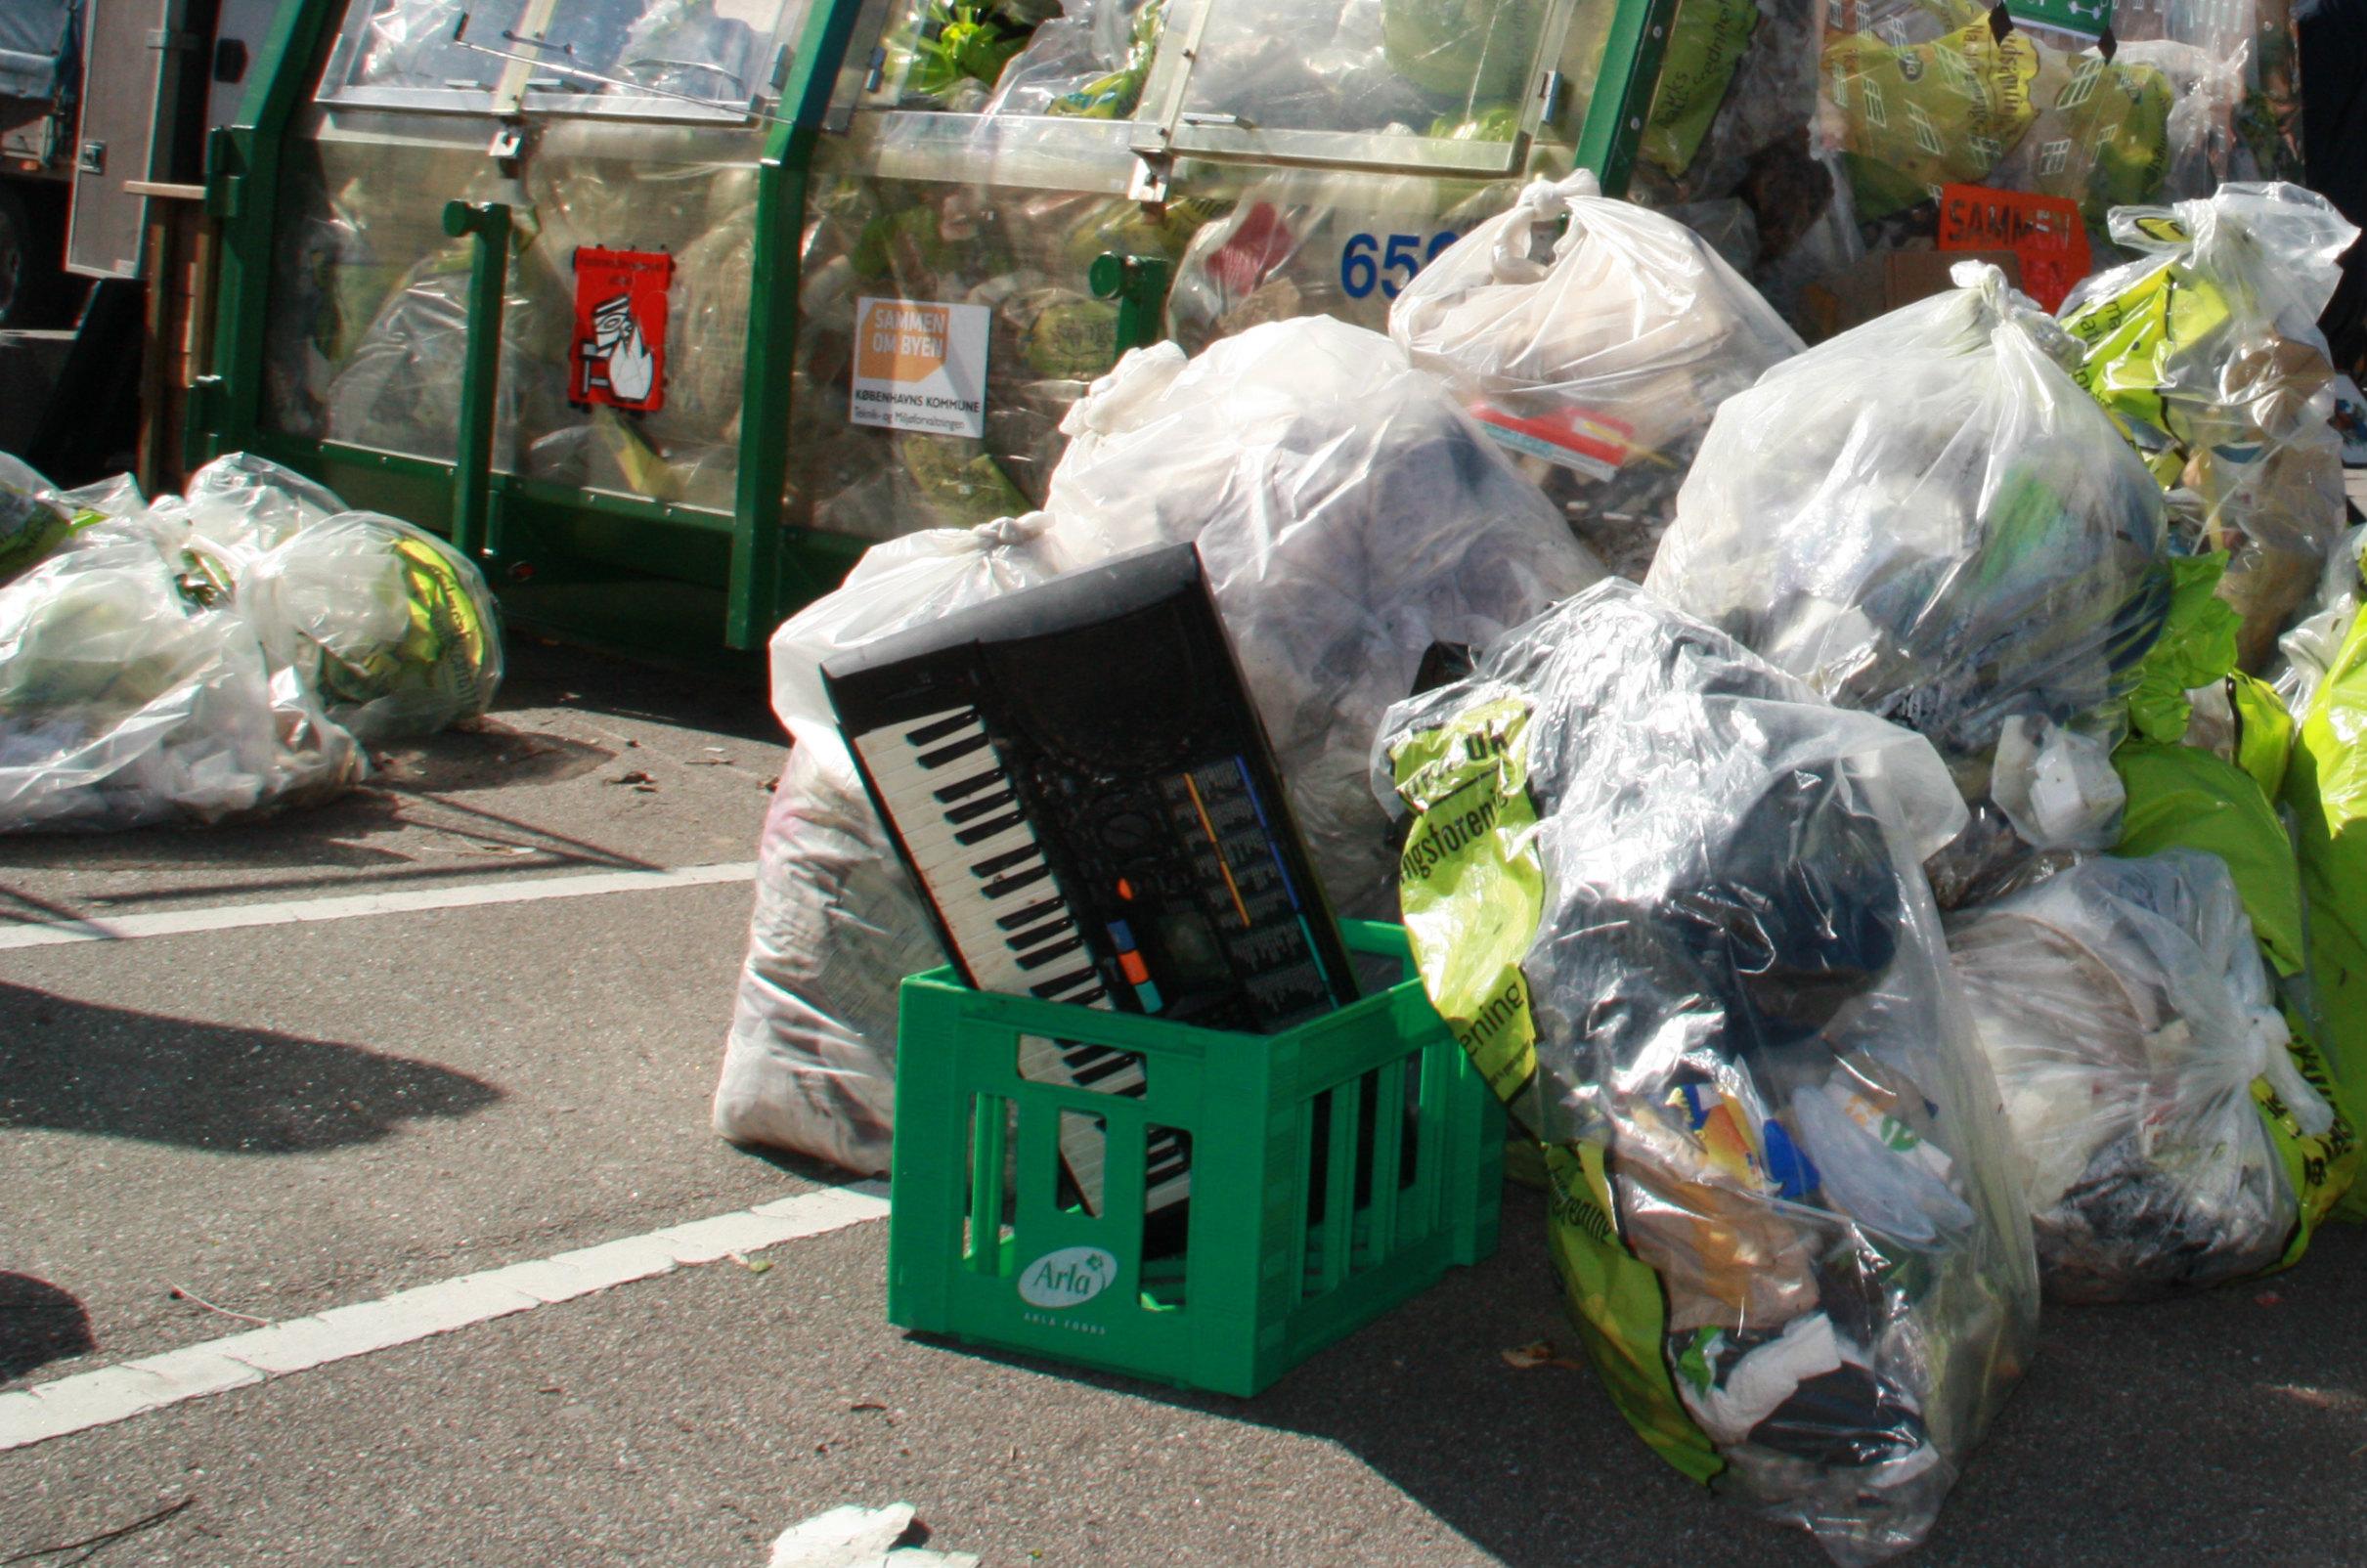 Danskere laver langt mere affald end andre europæere